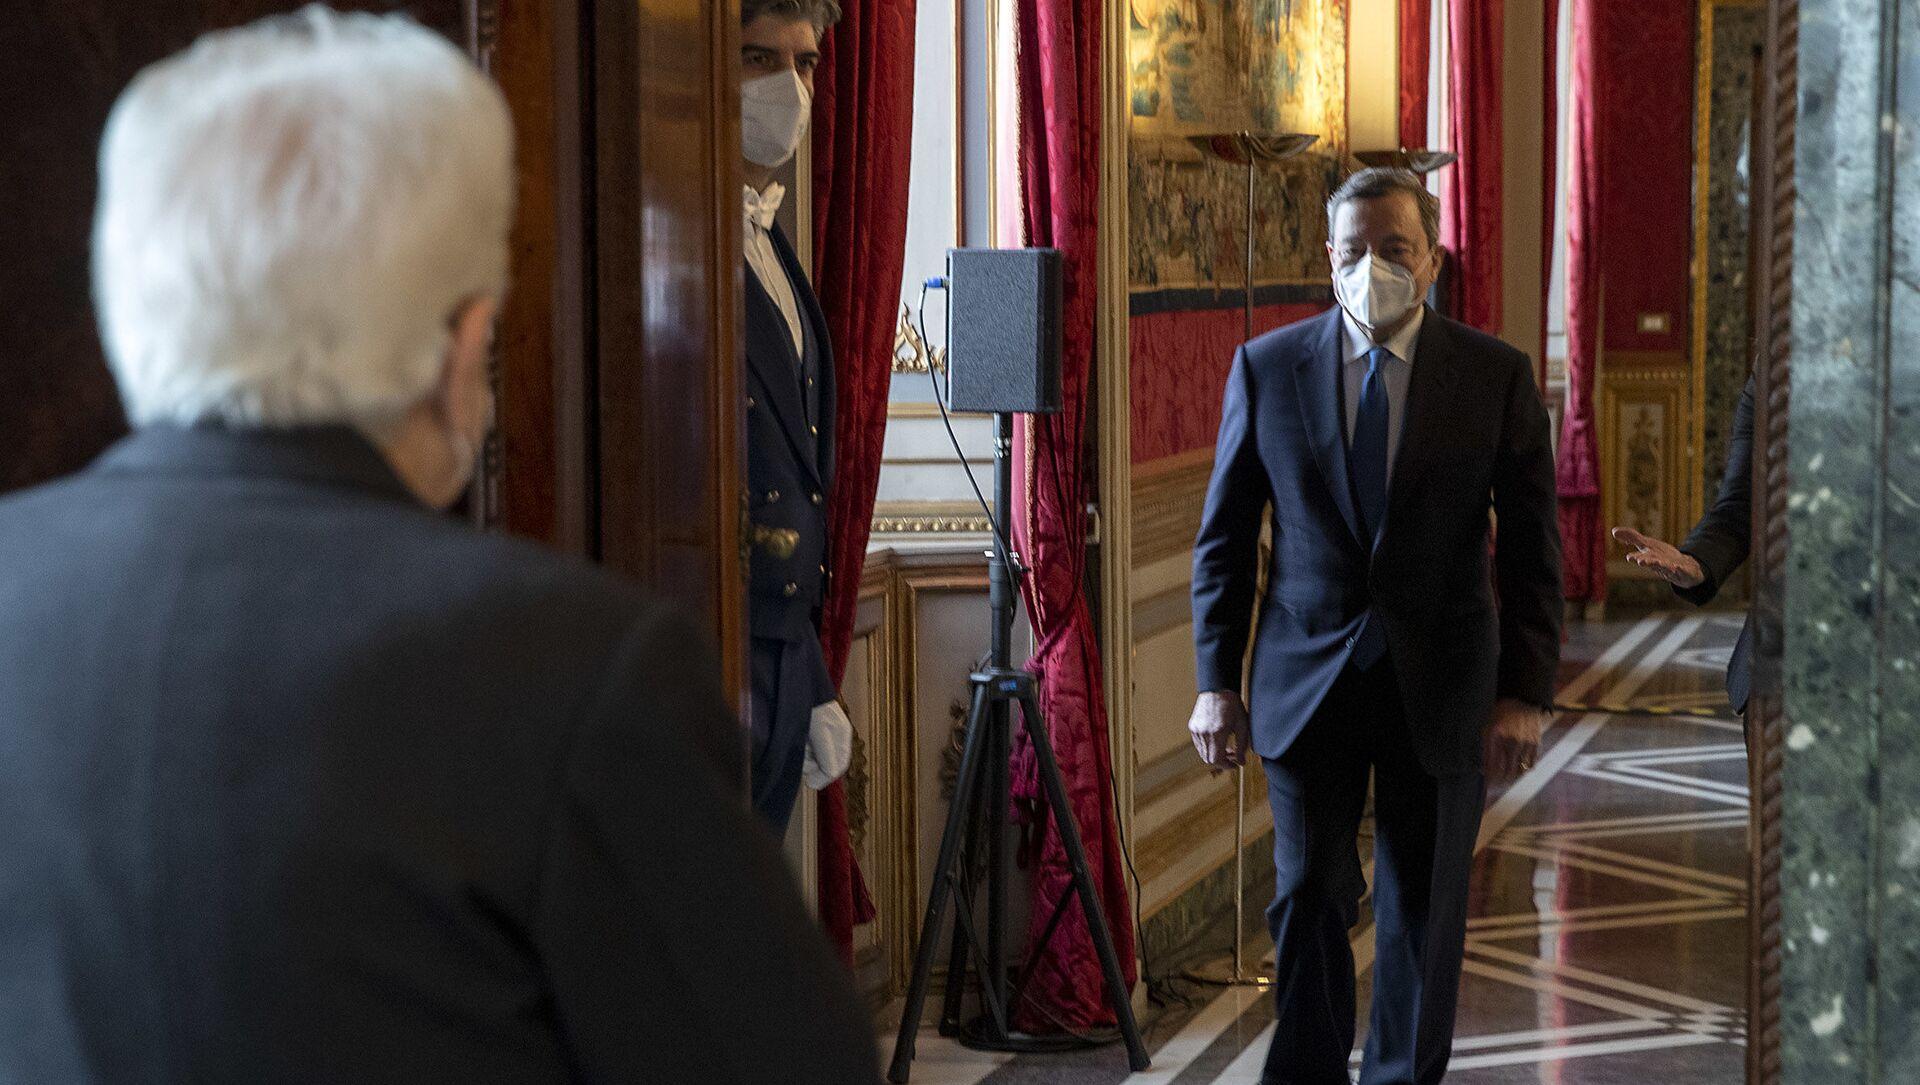 Il Presidente della Repubblica Sergio Mattarella accoglie Draghi - Sputnik Italia, 1920, 10.02.2021